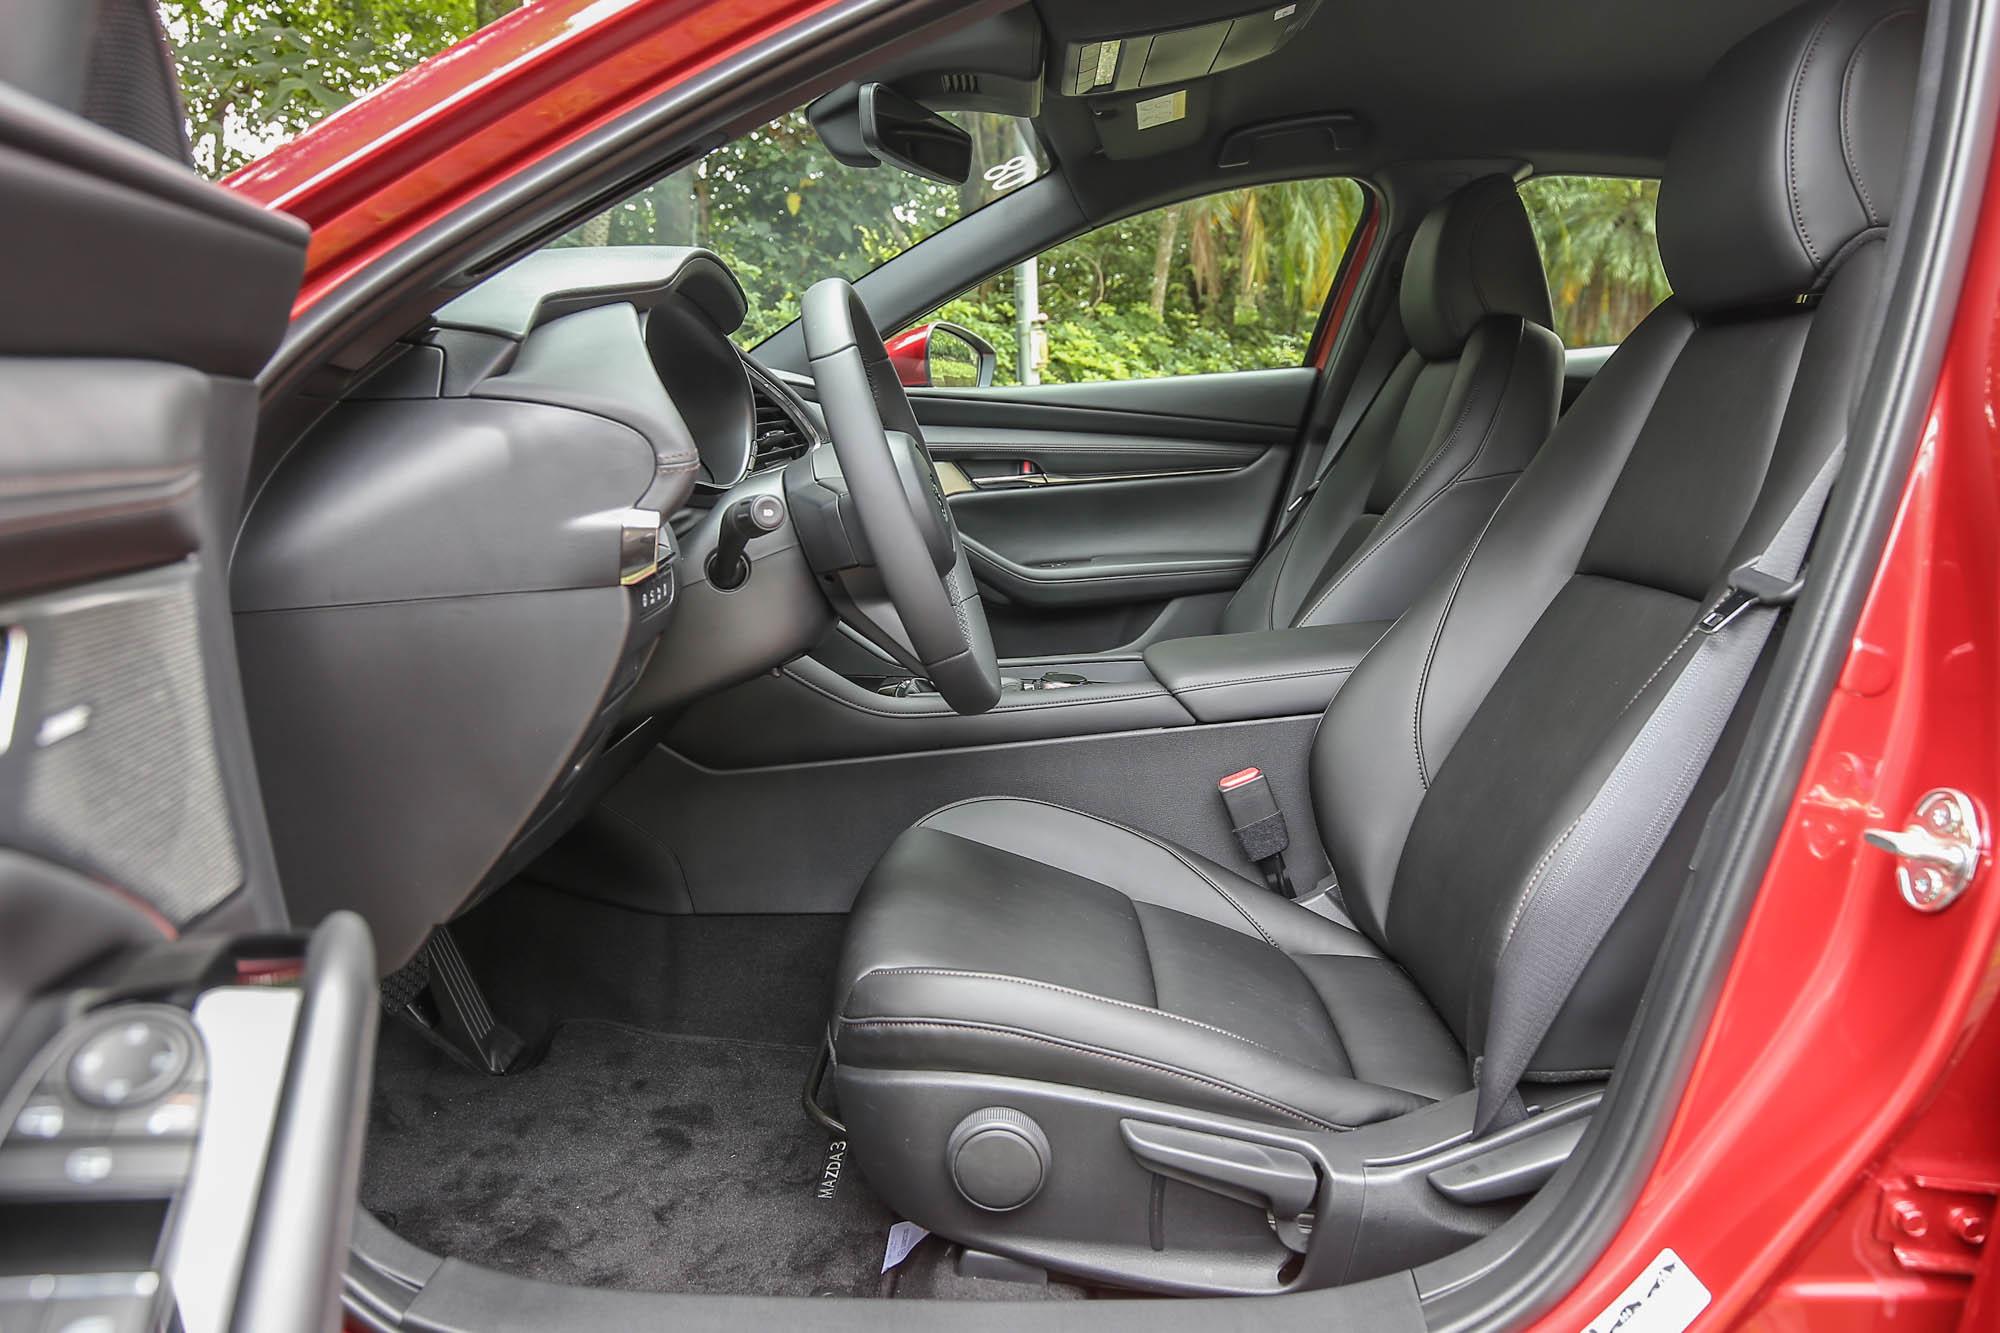 相信我,身為一個 Volvo 車主,我對於新世代 Mazda3 座椅的肯定絕對不是騙人的。